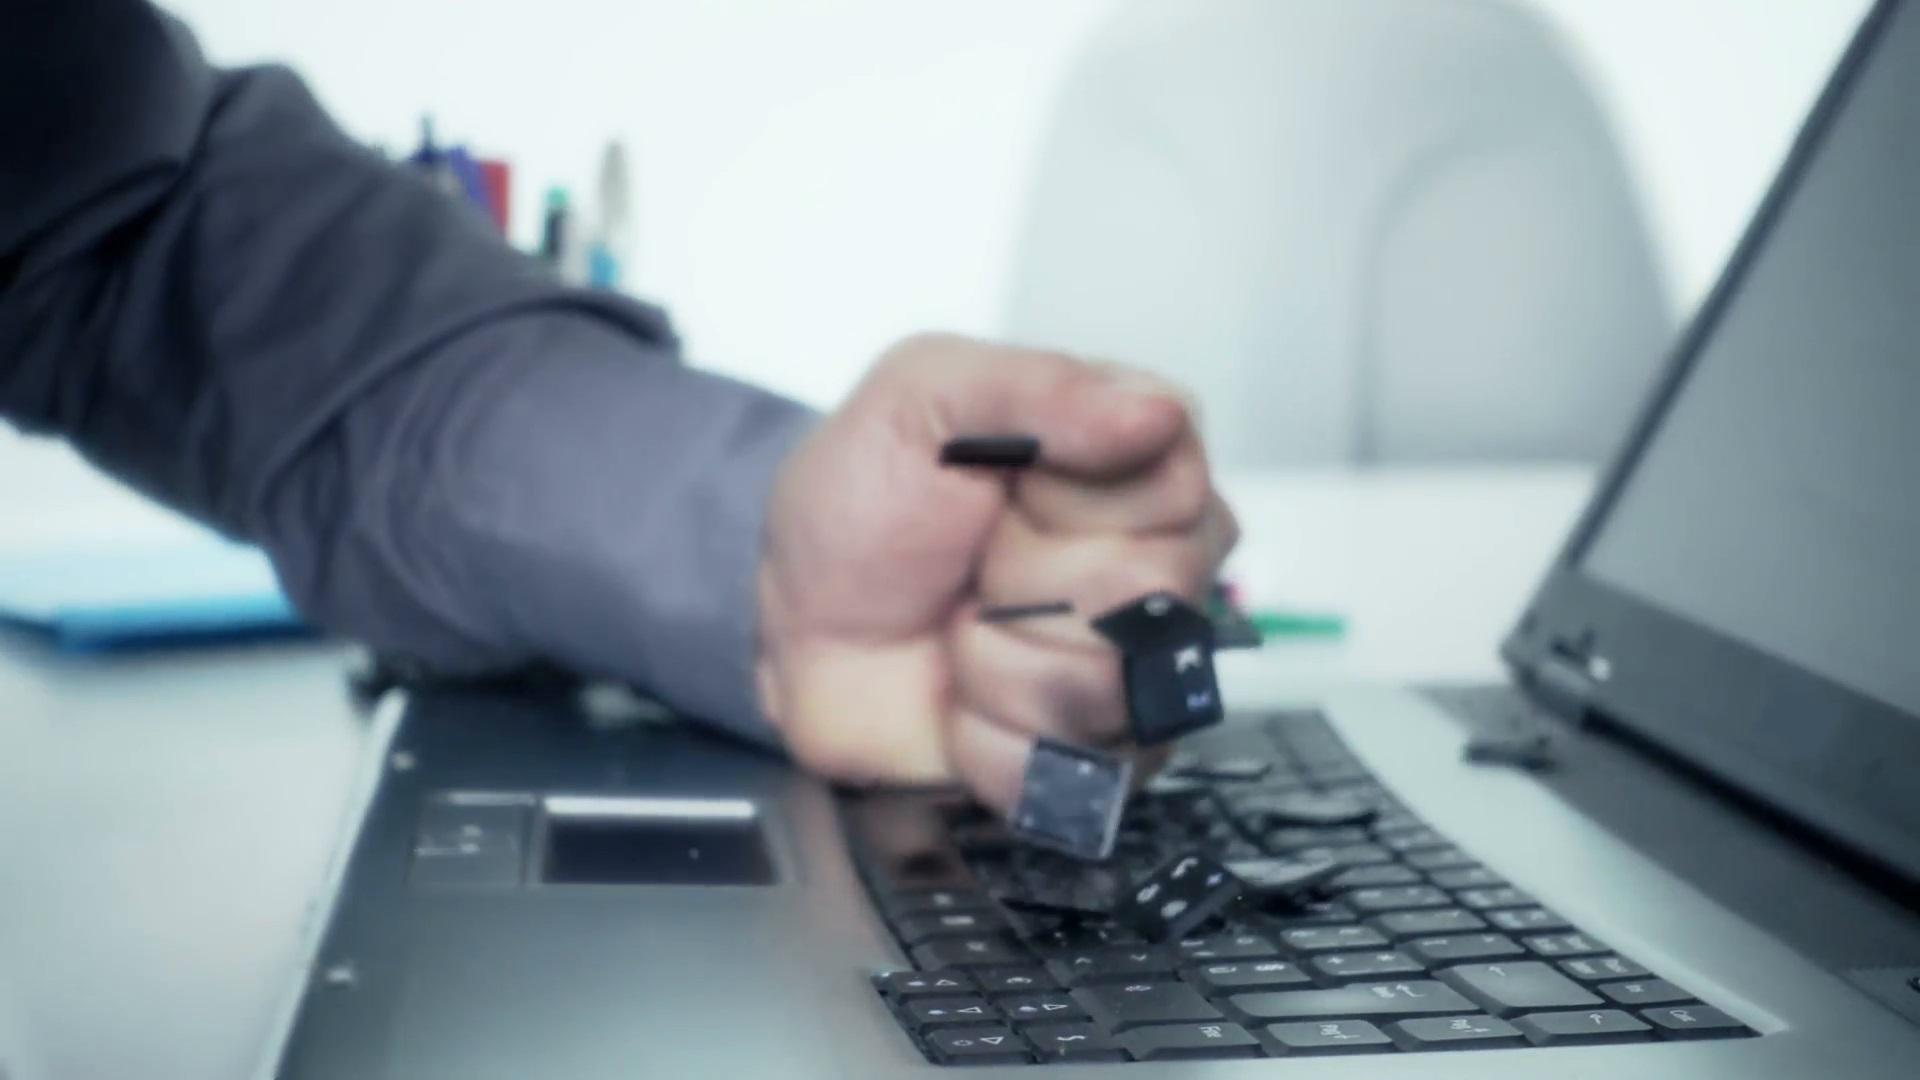 چرا لپ تاپتان کند است و به درد نخور شده؟